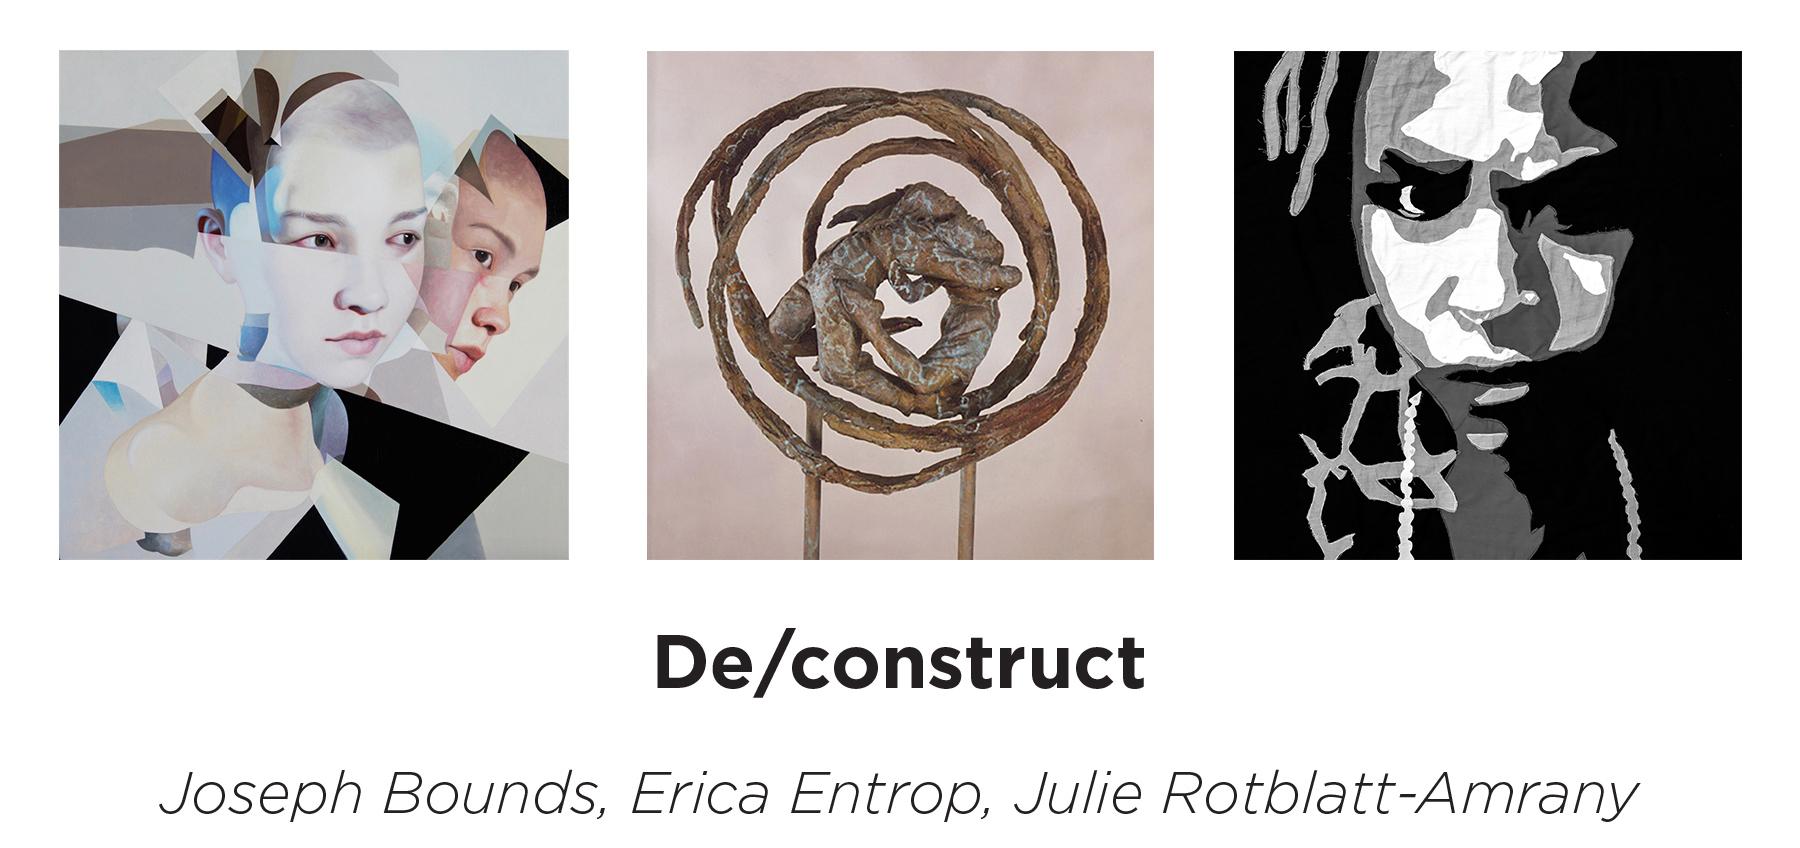 De/construct - April 5 — May 10, 2019